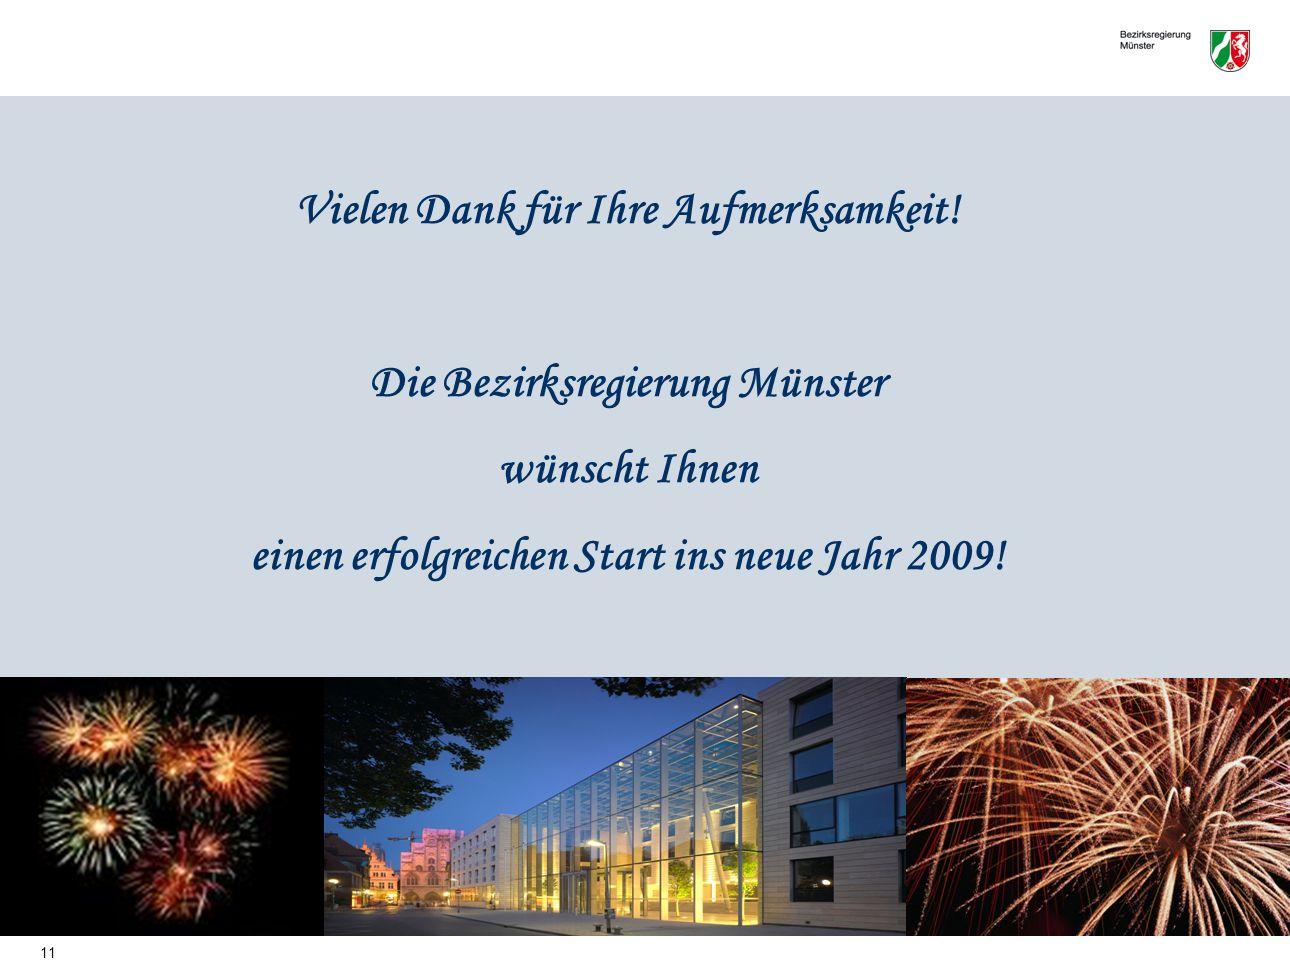 11 Vielen Dank für Ihre Aufmerksamkeit! Die Bezirksregierung Münster wünscht Ihnen einen erfolgreichen Start ins neue Jahr 2009!